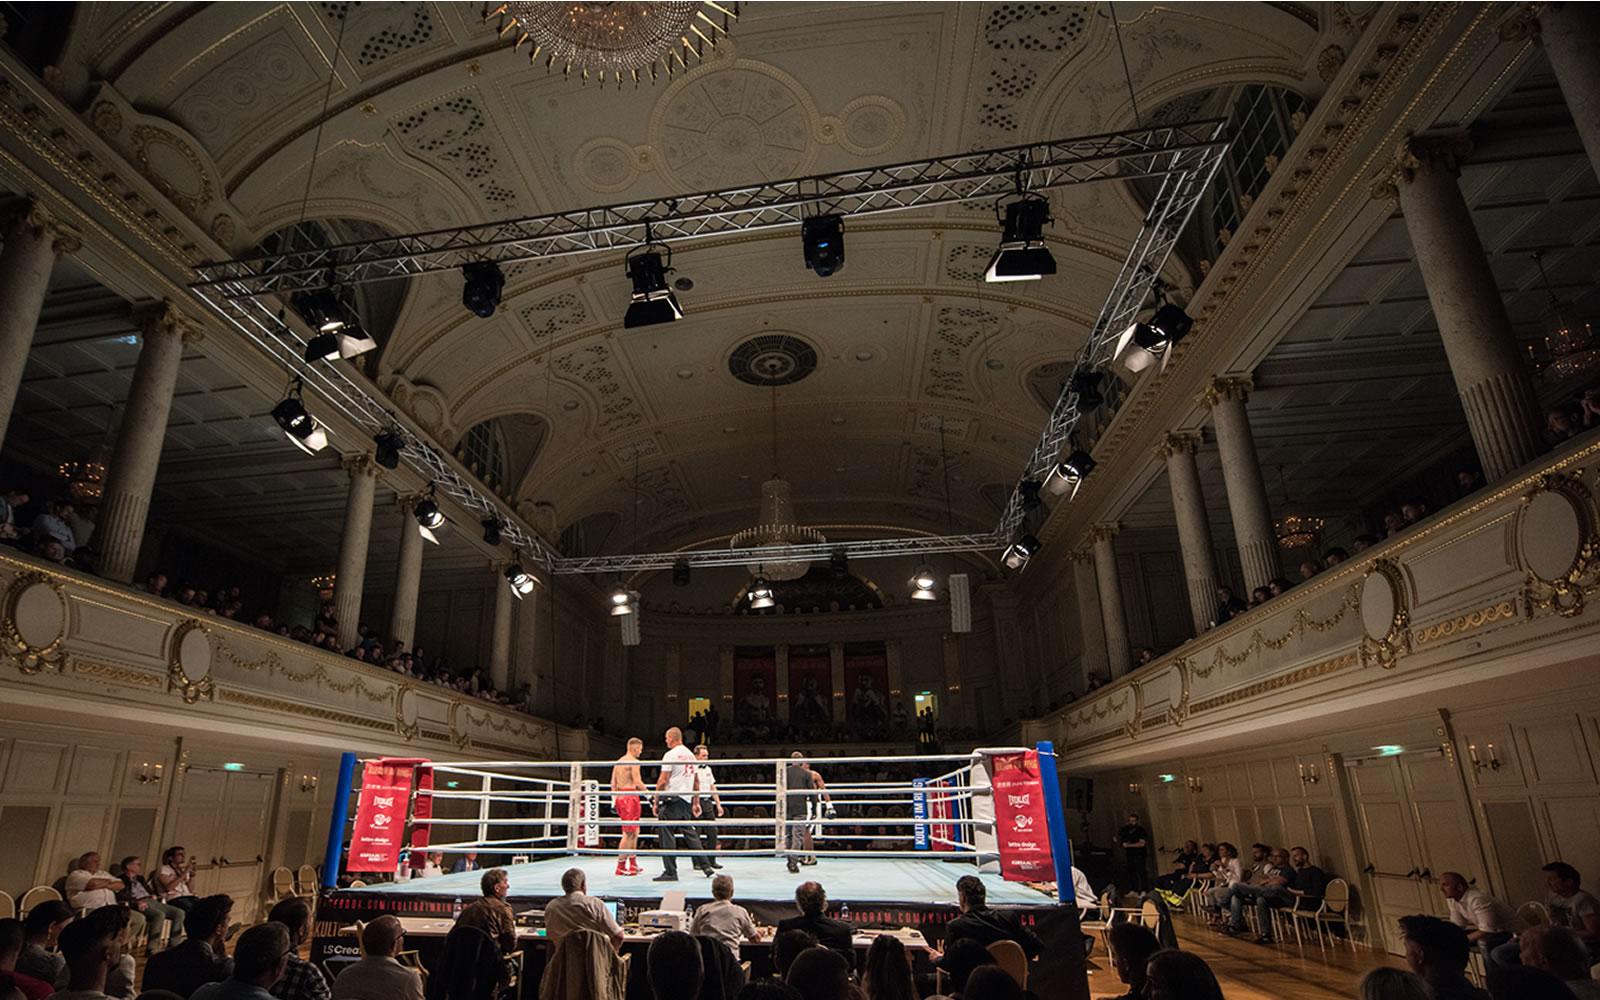 Kultur am Ring im Kulturcasino Bern mit der Technik von USL Eventtechnik. Rigging für Ihren Sportanlass